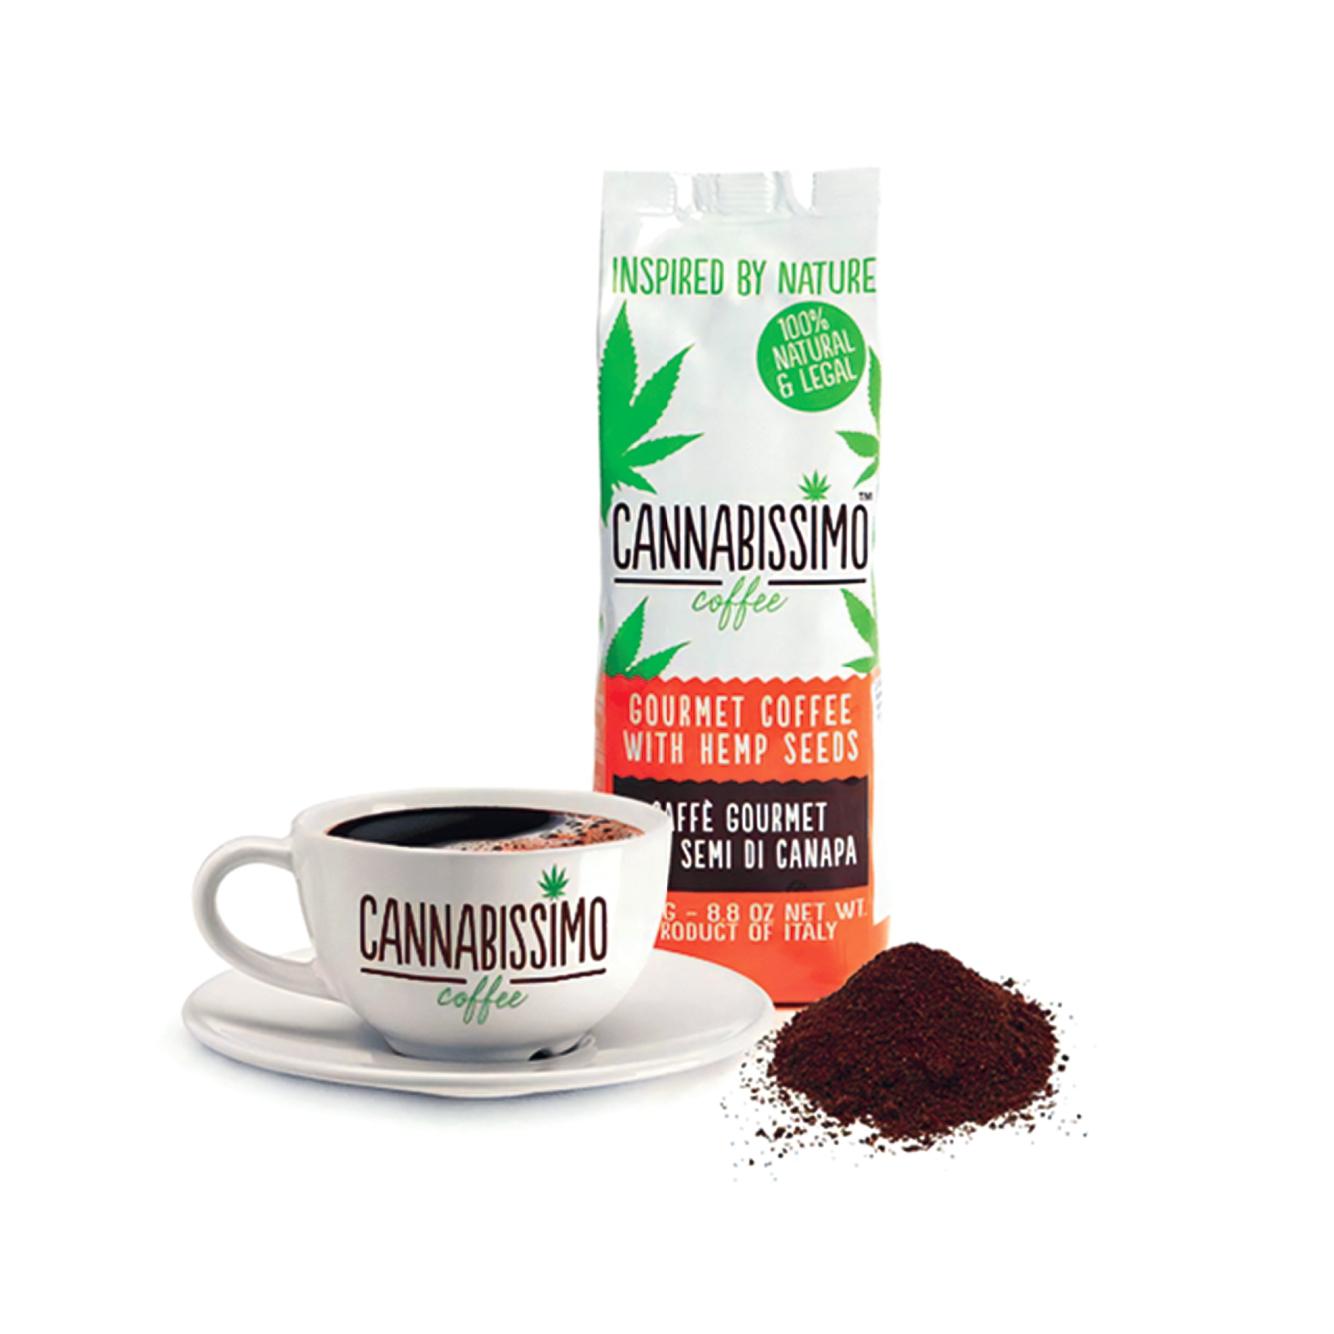 世界で注目されるヘンプシード(麻の実)を含有したカンナビッシモコーヒー